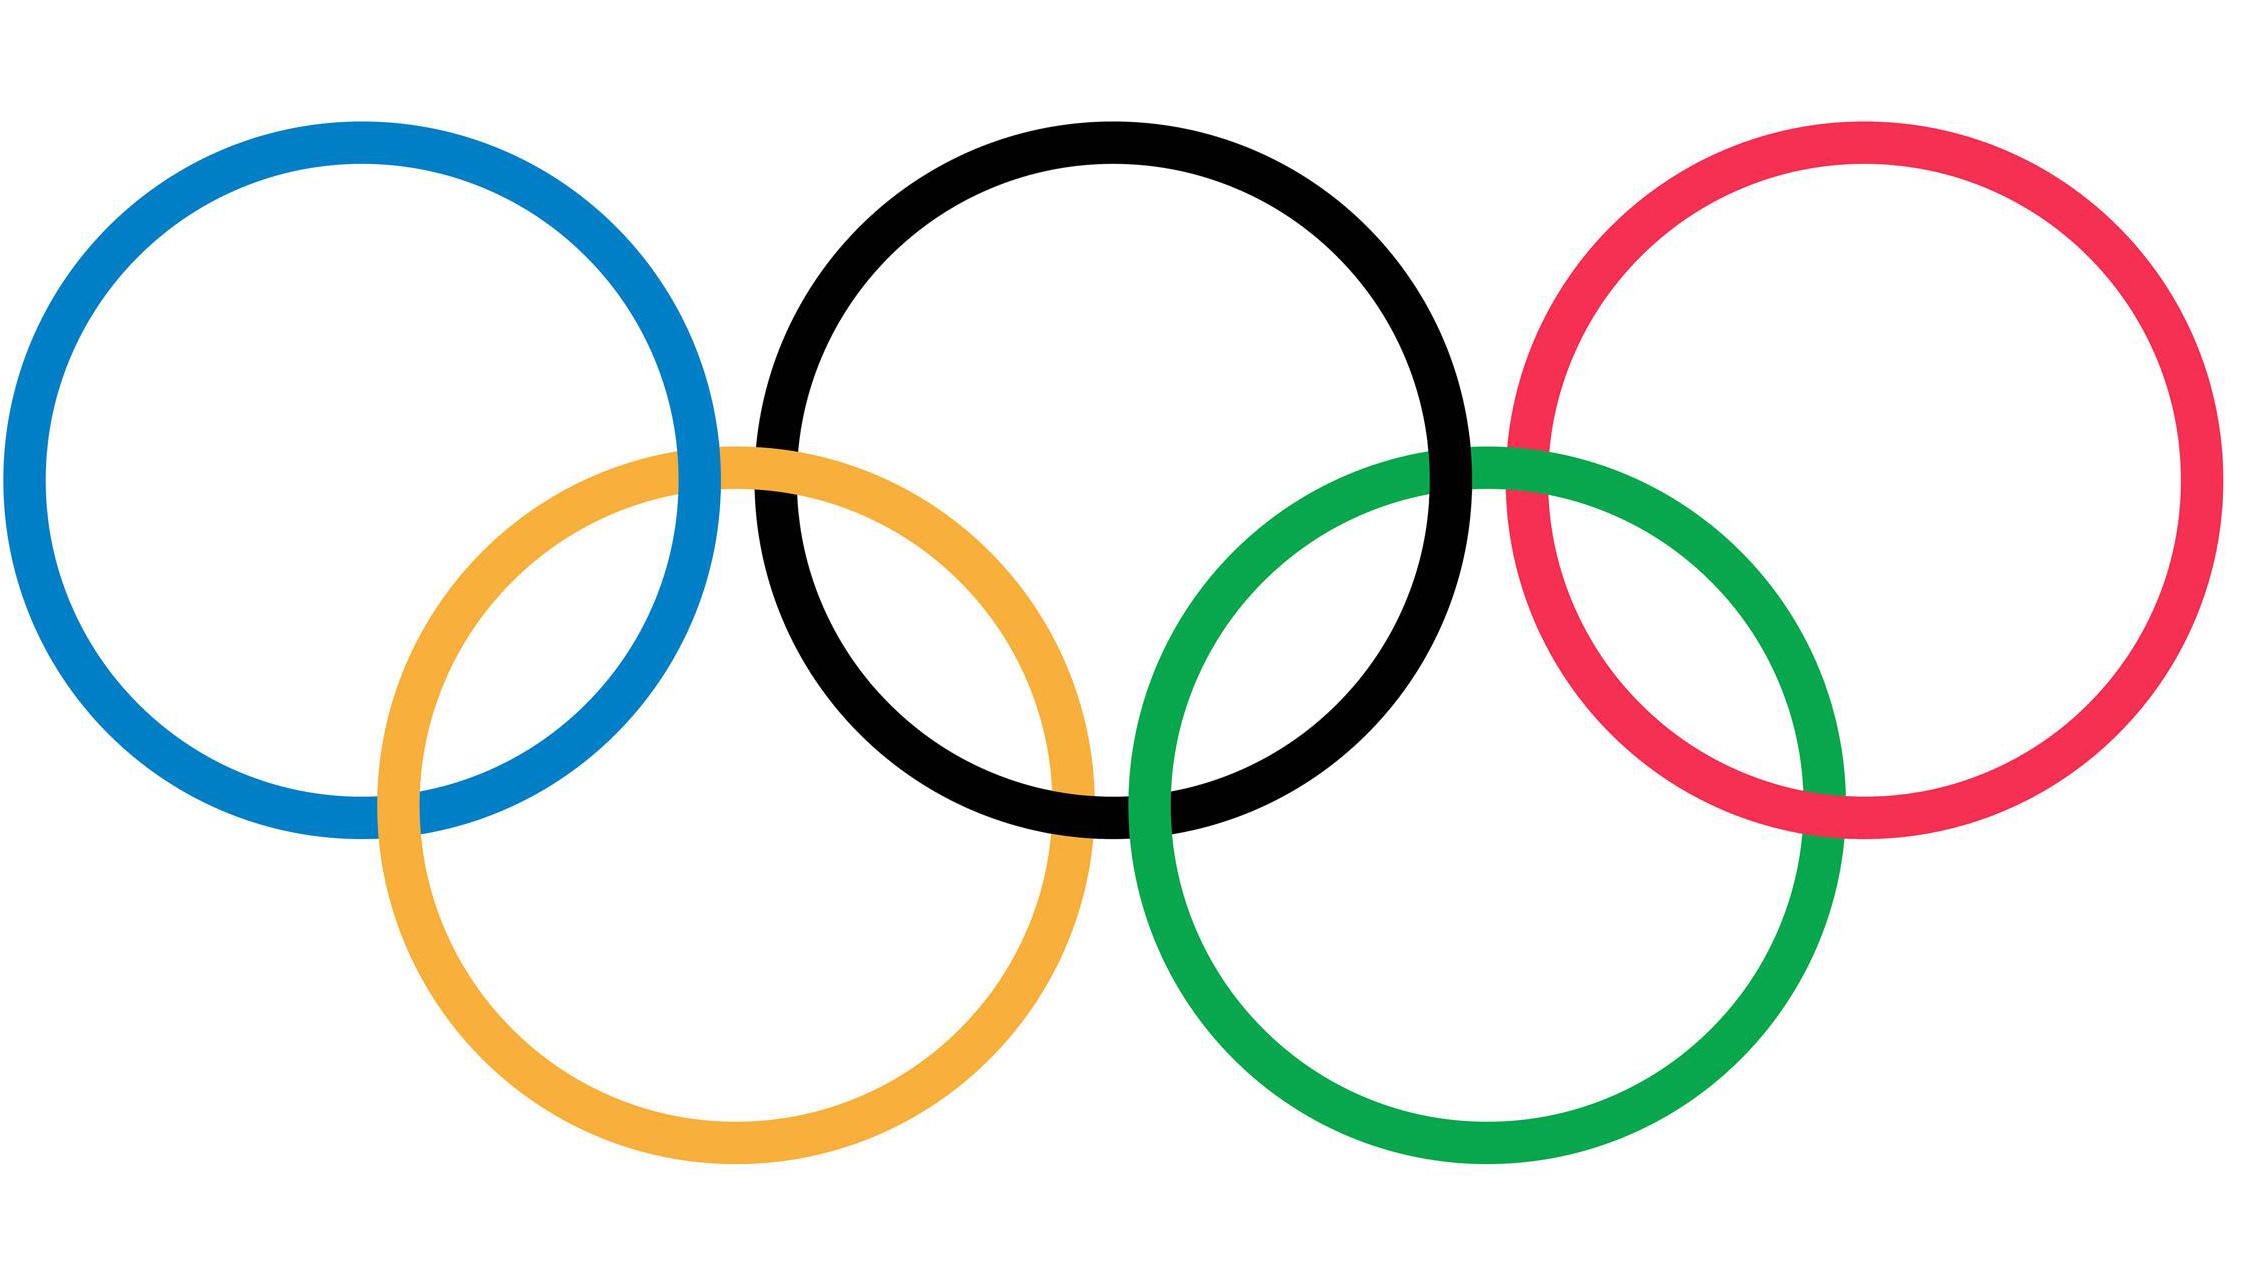 东京奥运会测试赛明年3月4日重启牛蛙彩票手机版下载,第一项比赛是花样游泳